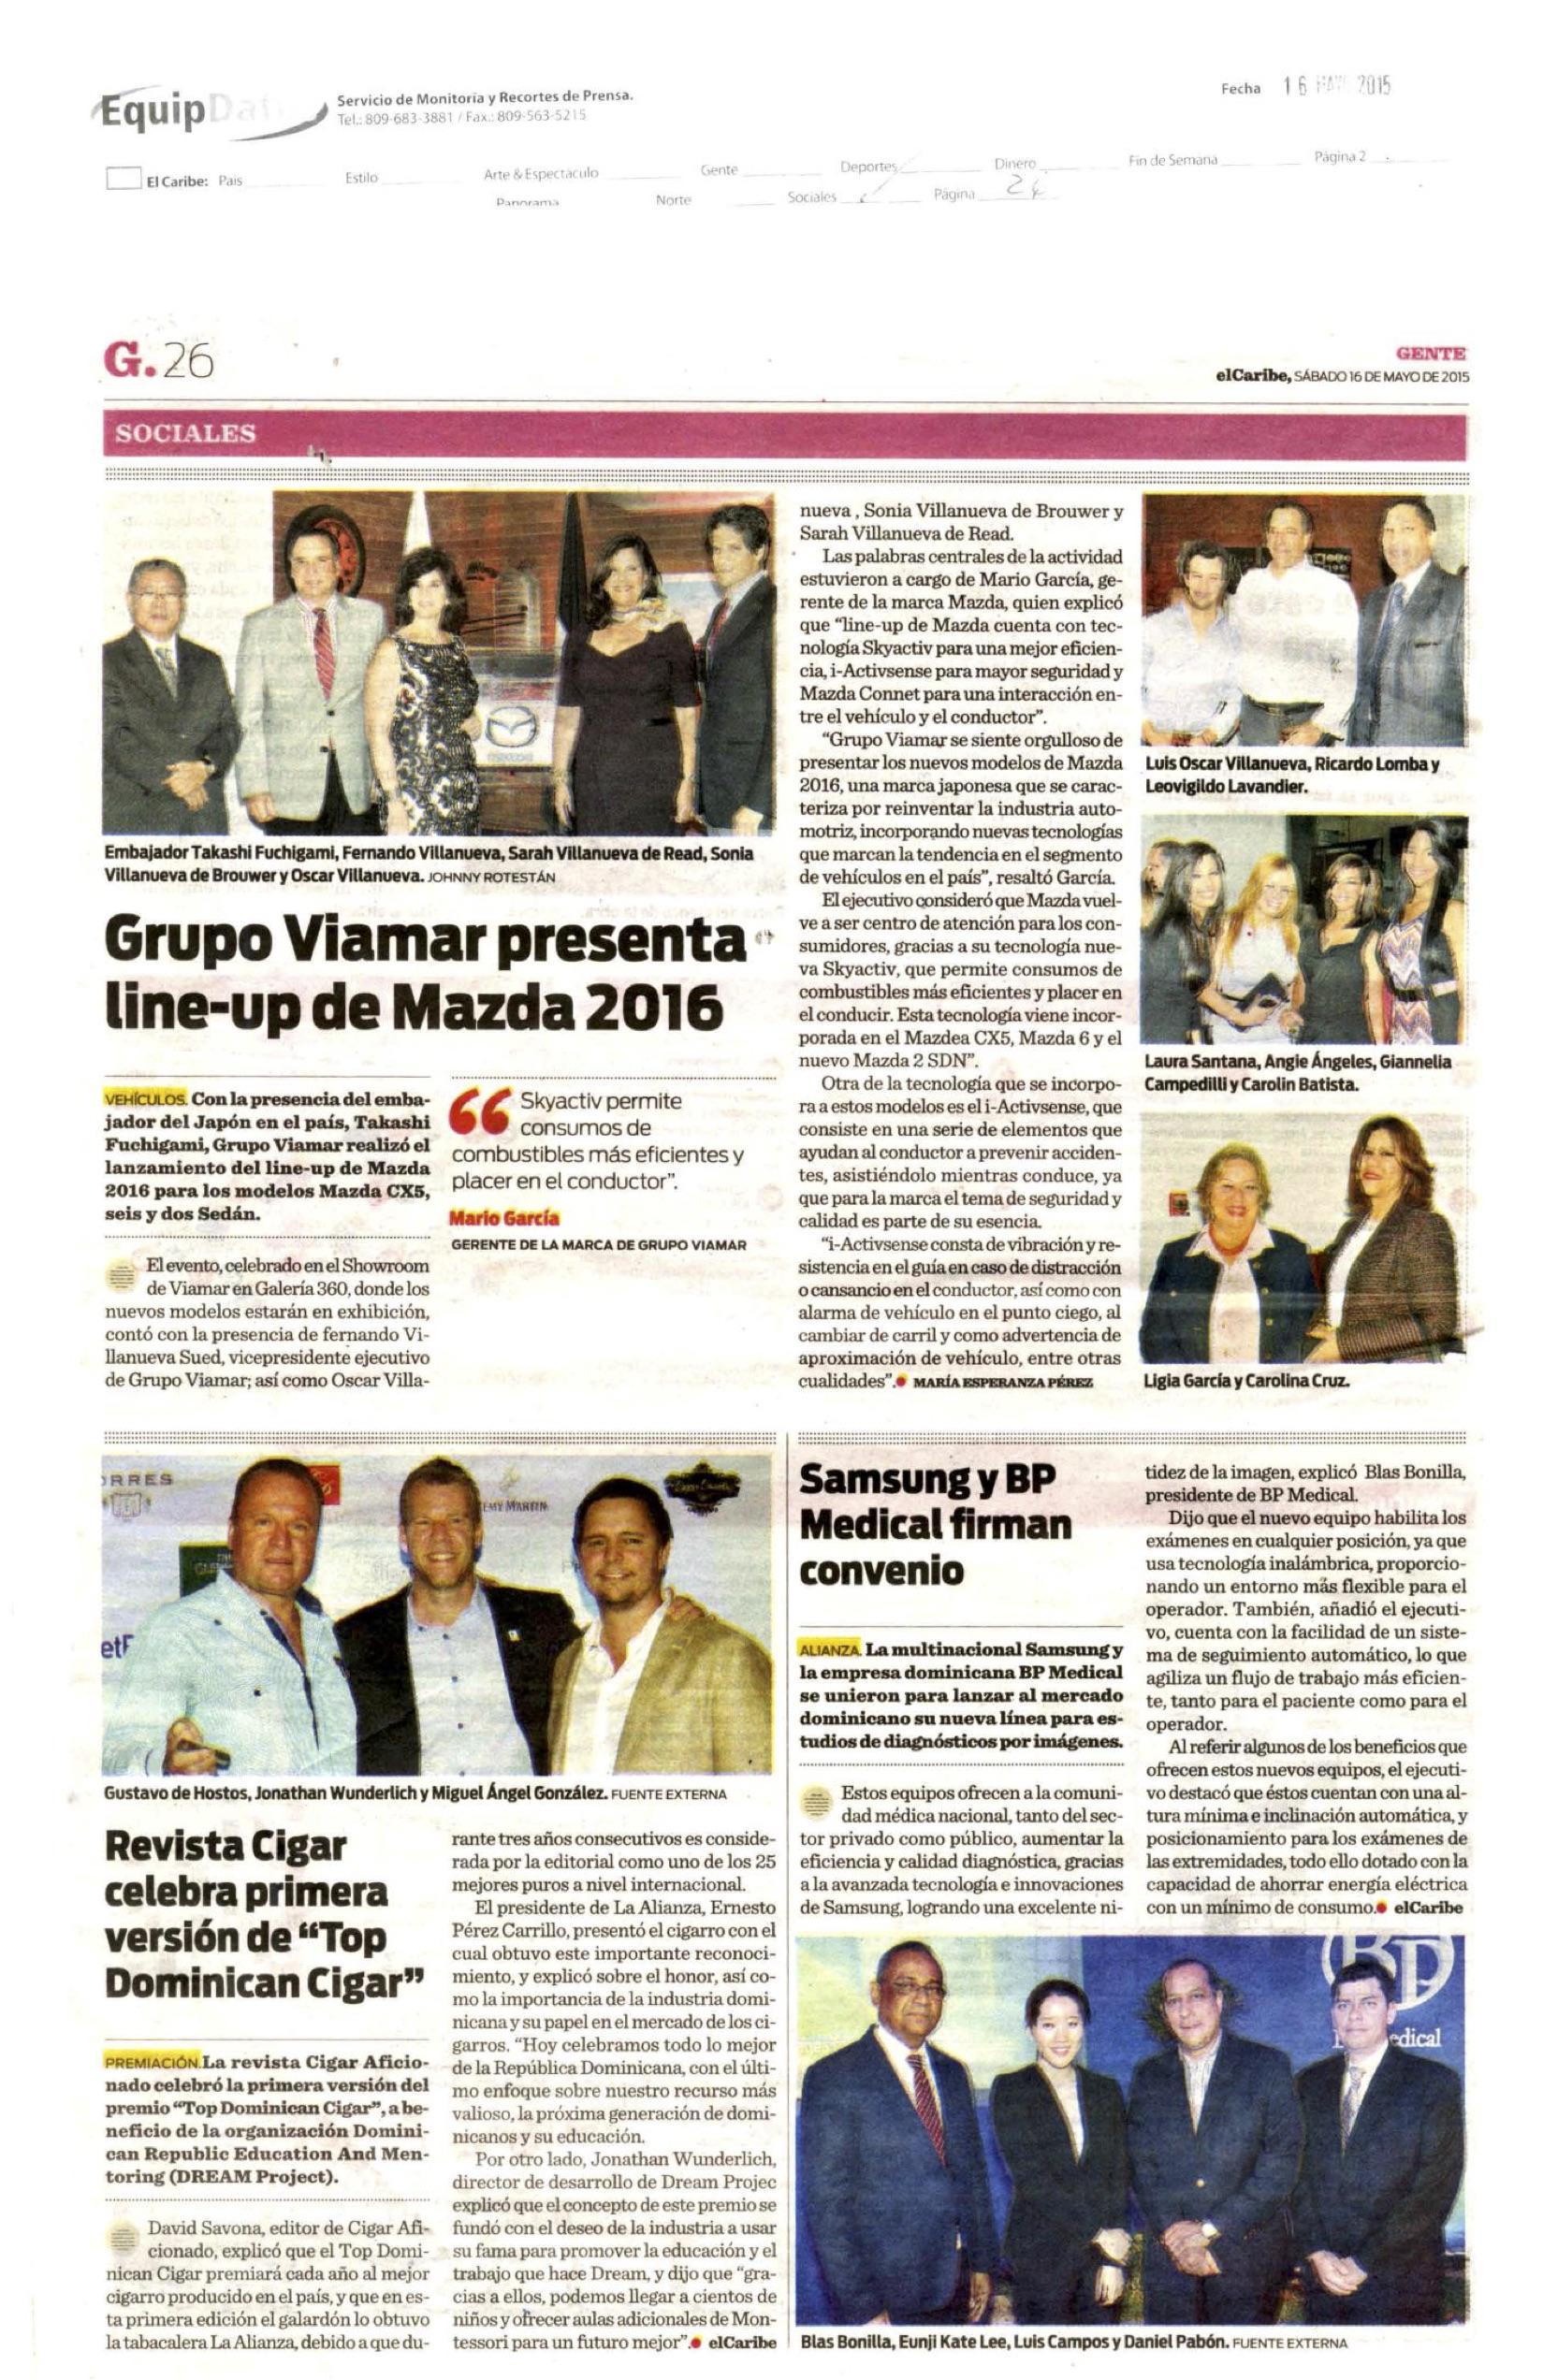 Revista-Cigar-celebra-primera-versión-de-Top-Dominican-Cigar-150516-EC-26-Sociales.jpg